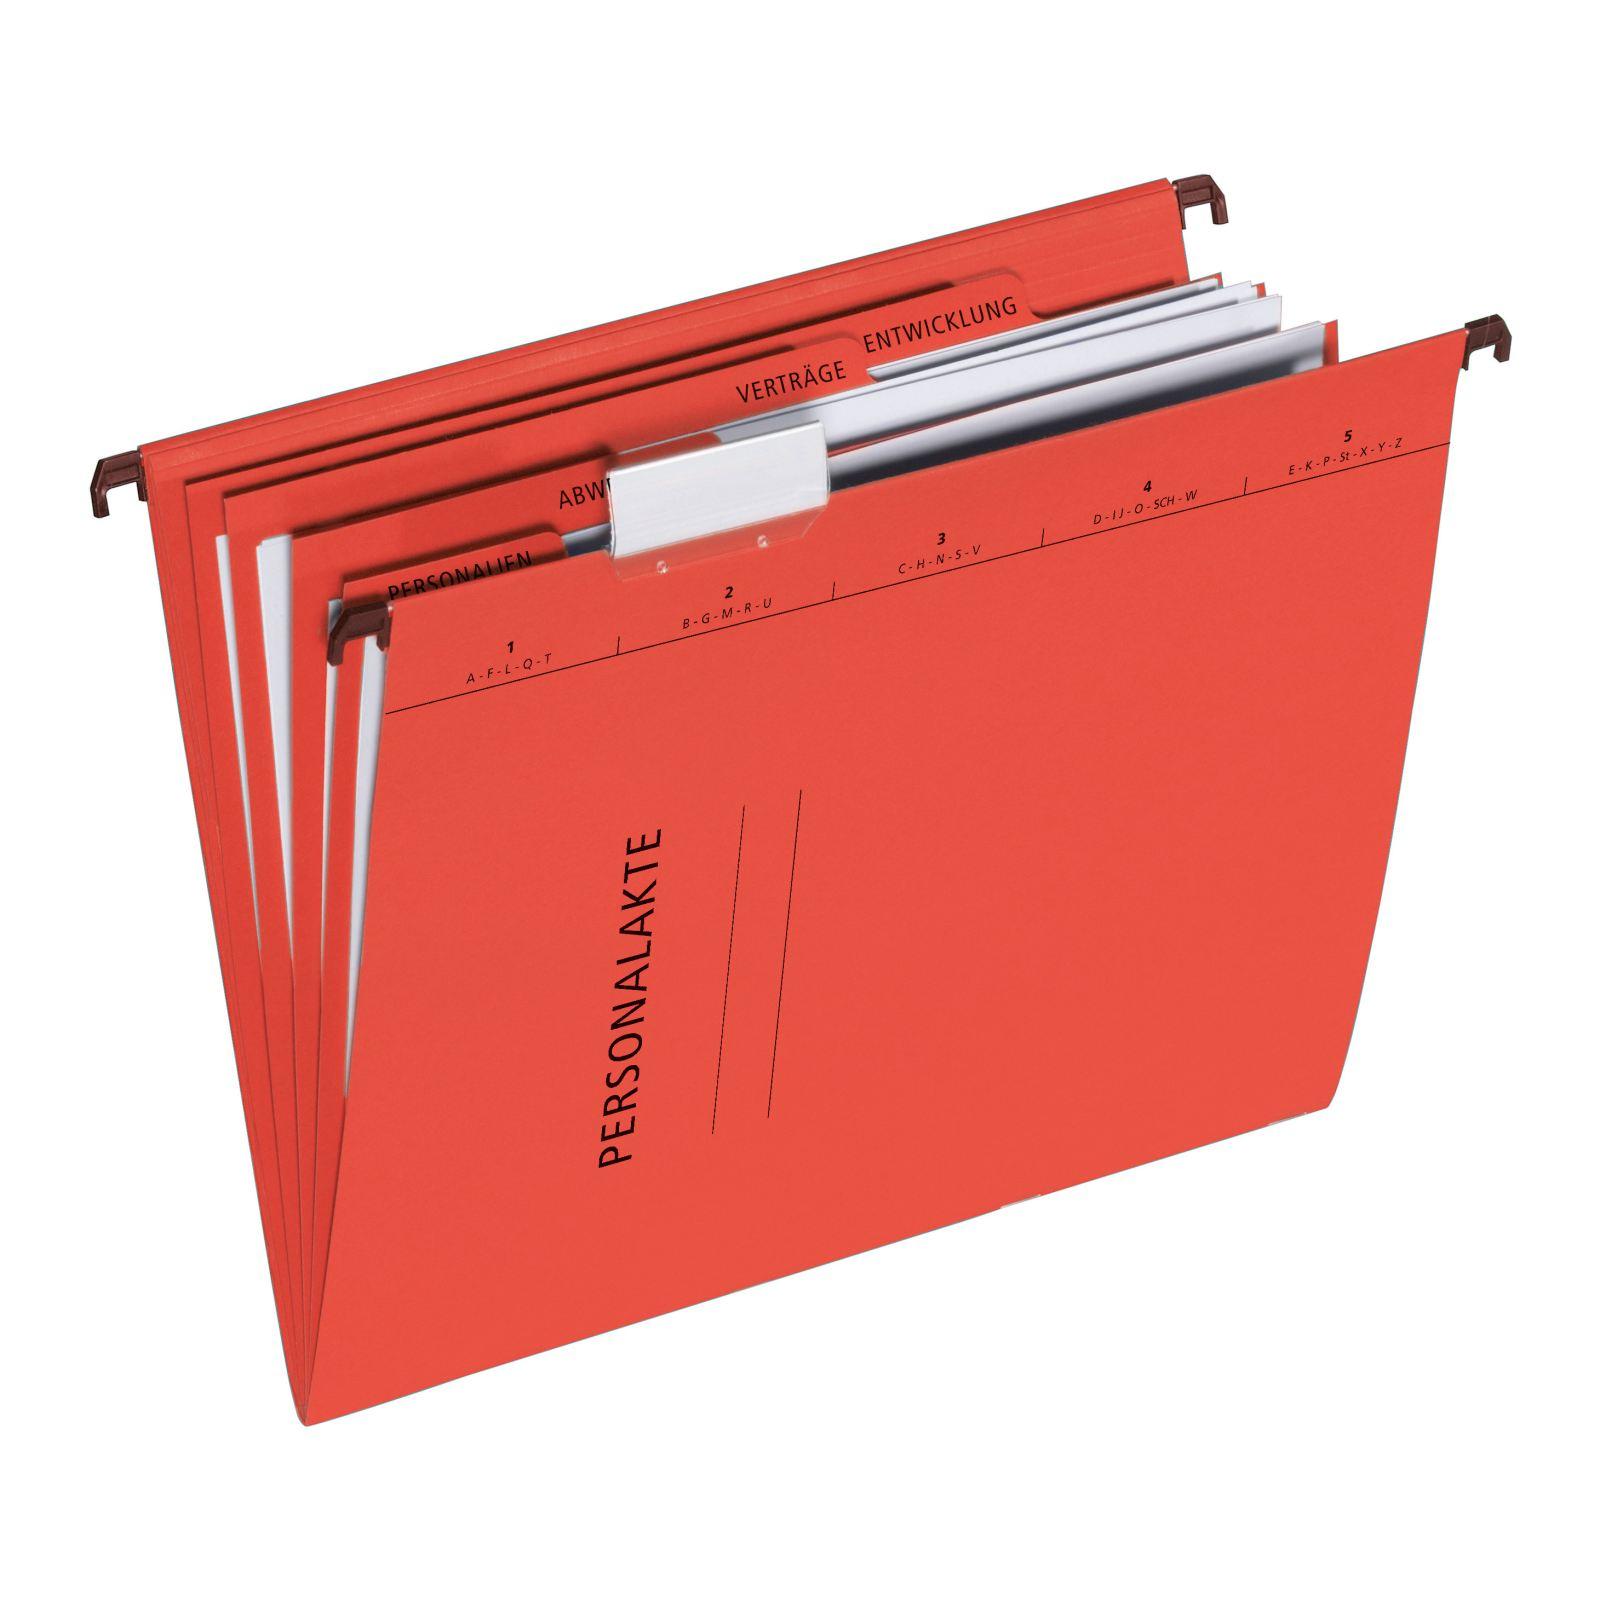 Pagna 44105-01 - Konventioneller Dateiordner - A4 - Karton - Rot - 3 Taschen - 245 mm